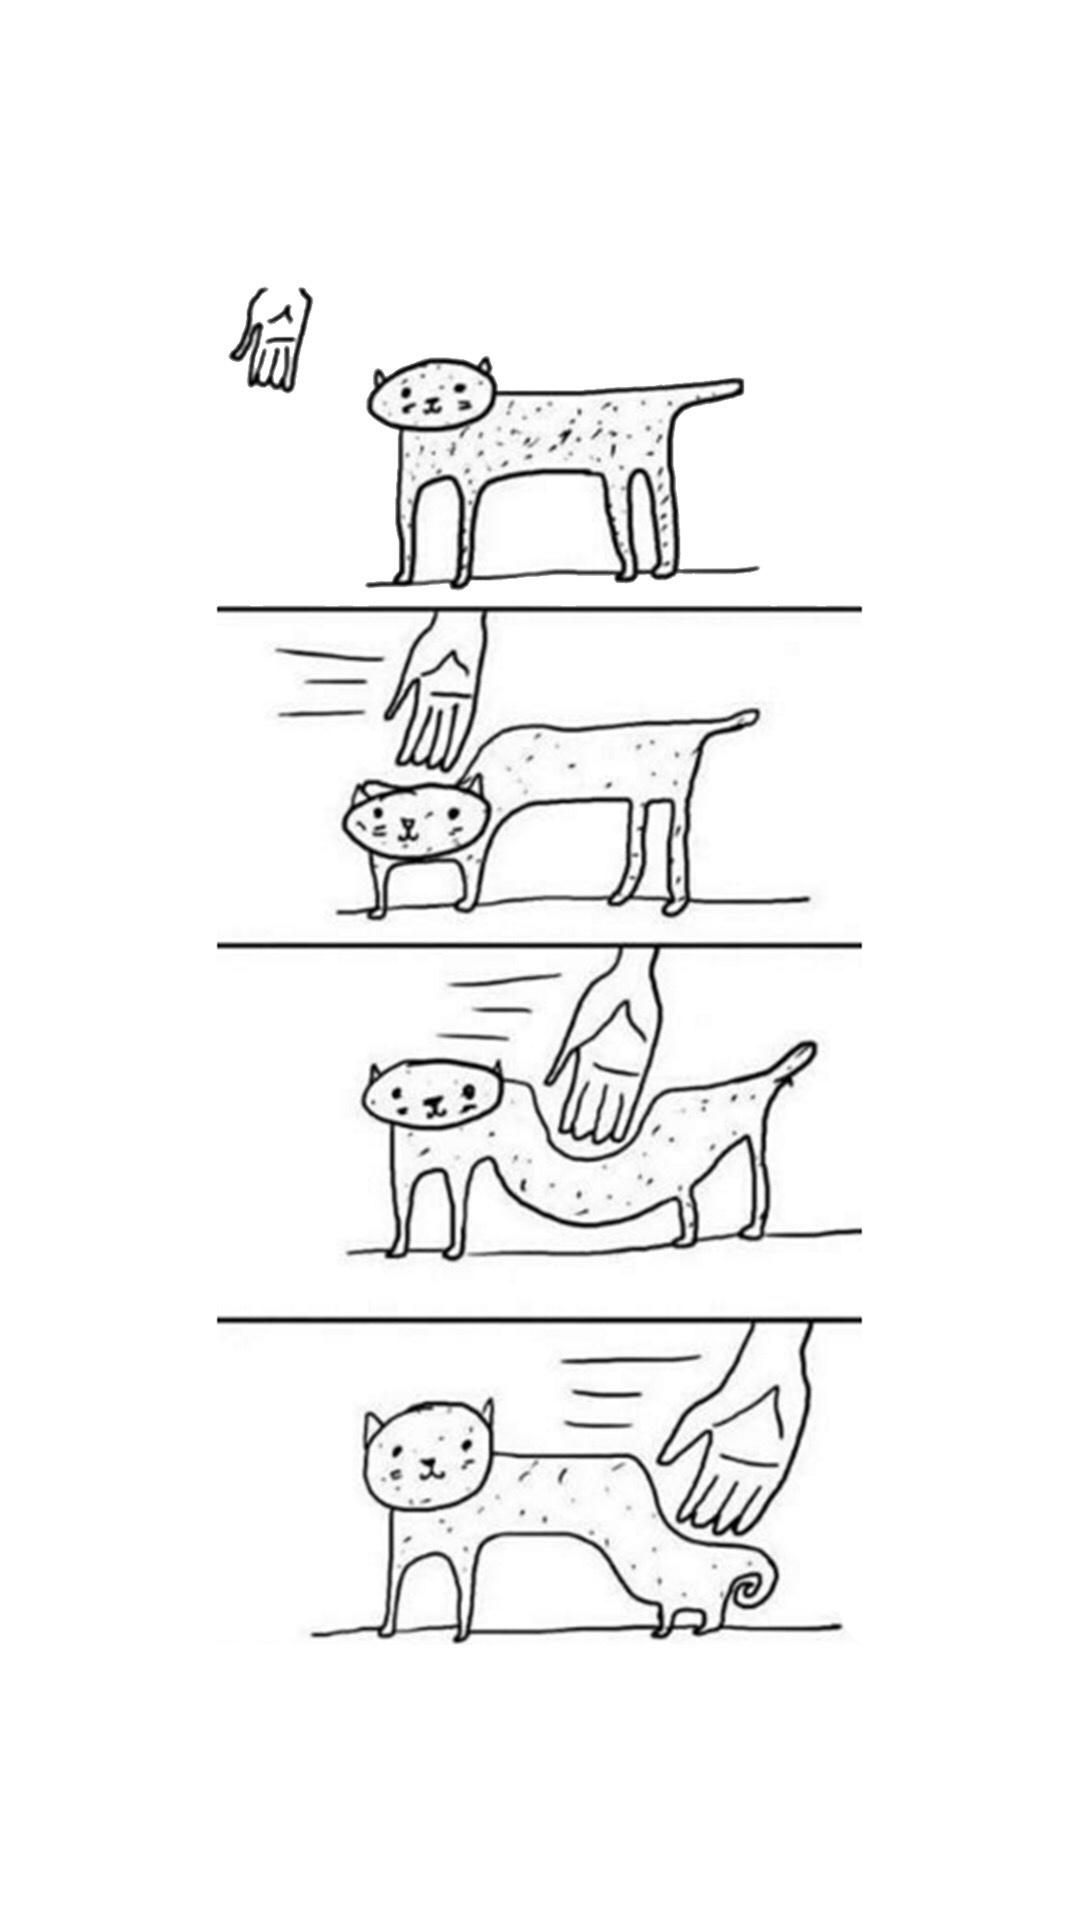 les chats ... - meme